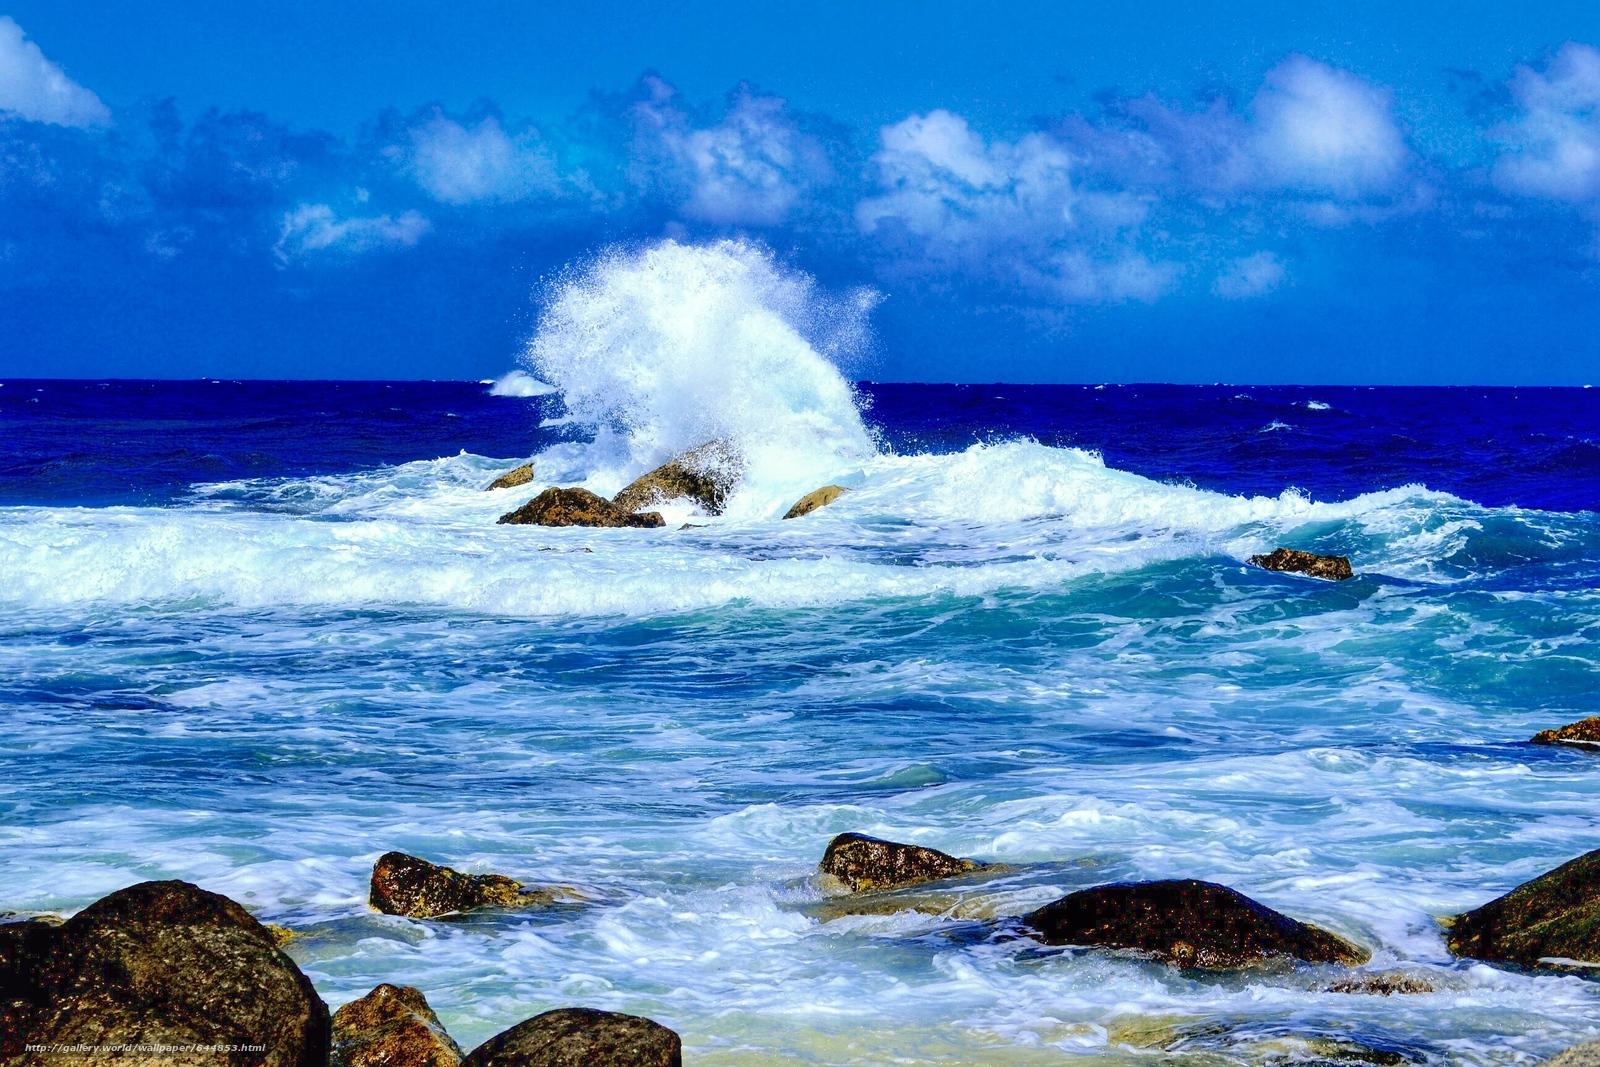 Скачать обои море,  волны,  камни,  скалы бесплатно для рабочего стола в разрешении 2592x1728 — картинка №644853